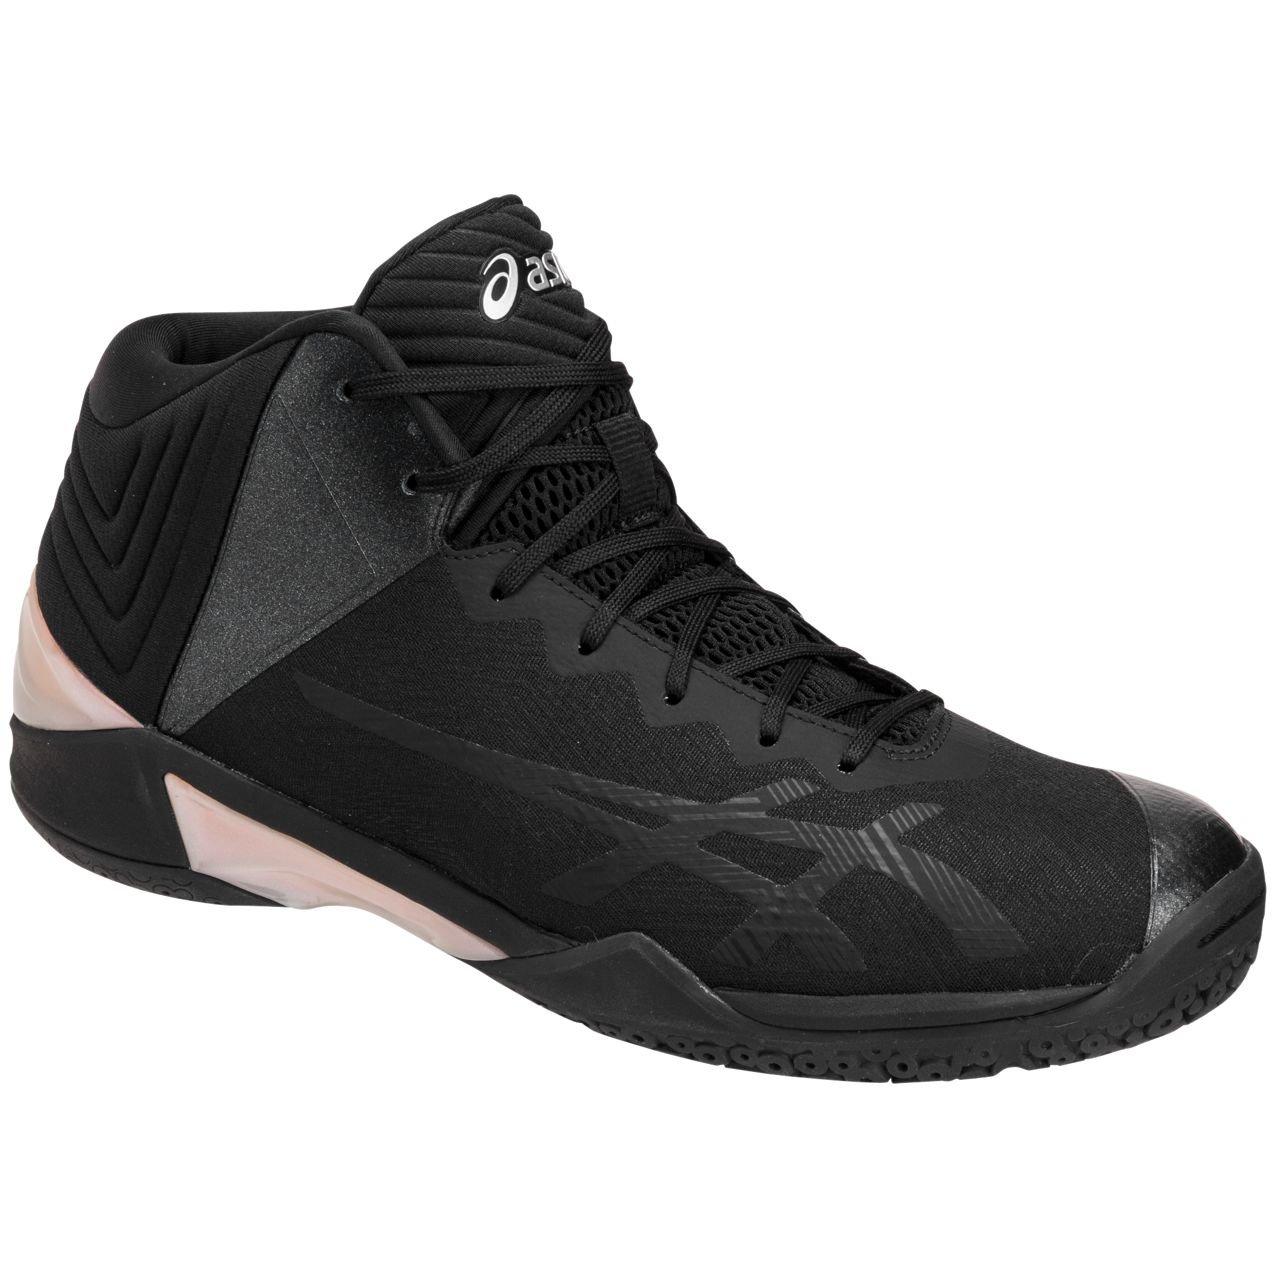 [アシックス] バスケットシューズ GELBURST 22 B077Y5RW5N 23.5 cm|ブラック/ブラック ブラック/ブラック 23.5 cm